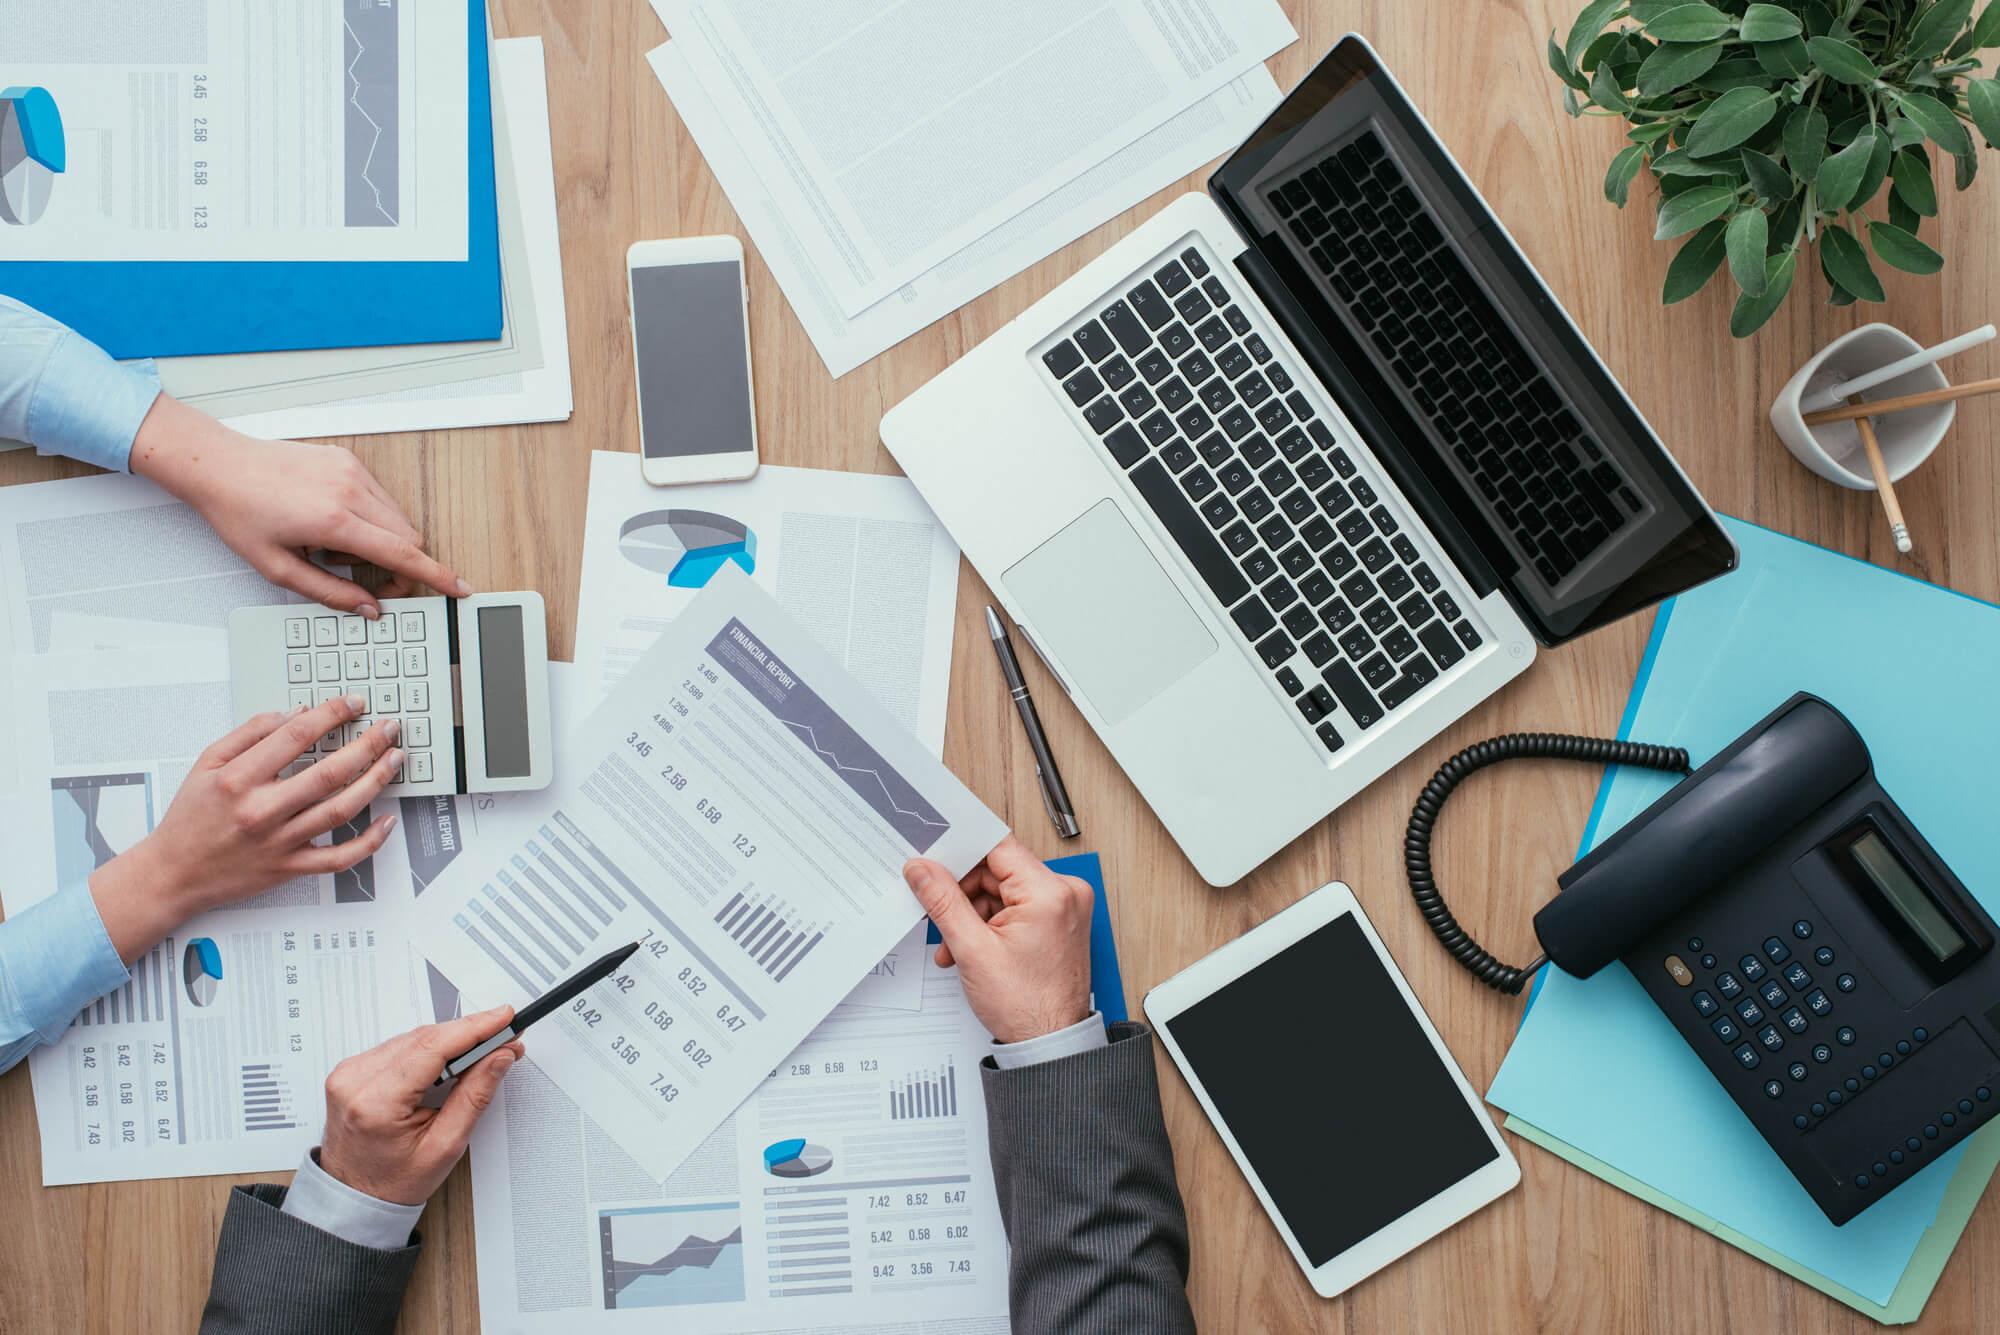 Бухгалтерские услуги в алматы бухгалтерское обслуживание ростов